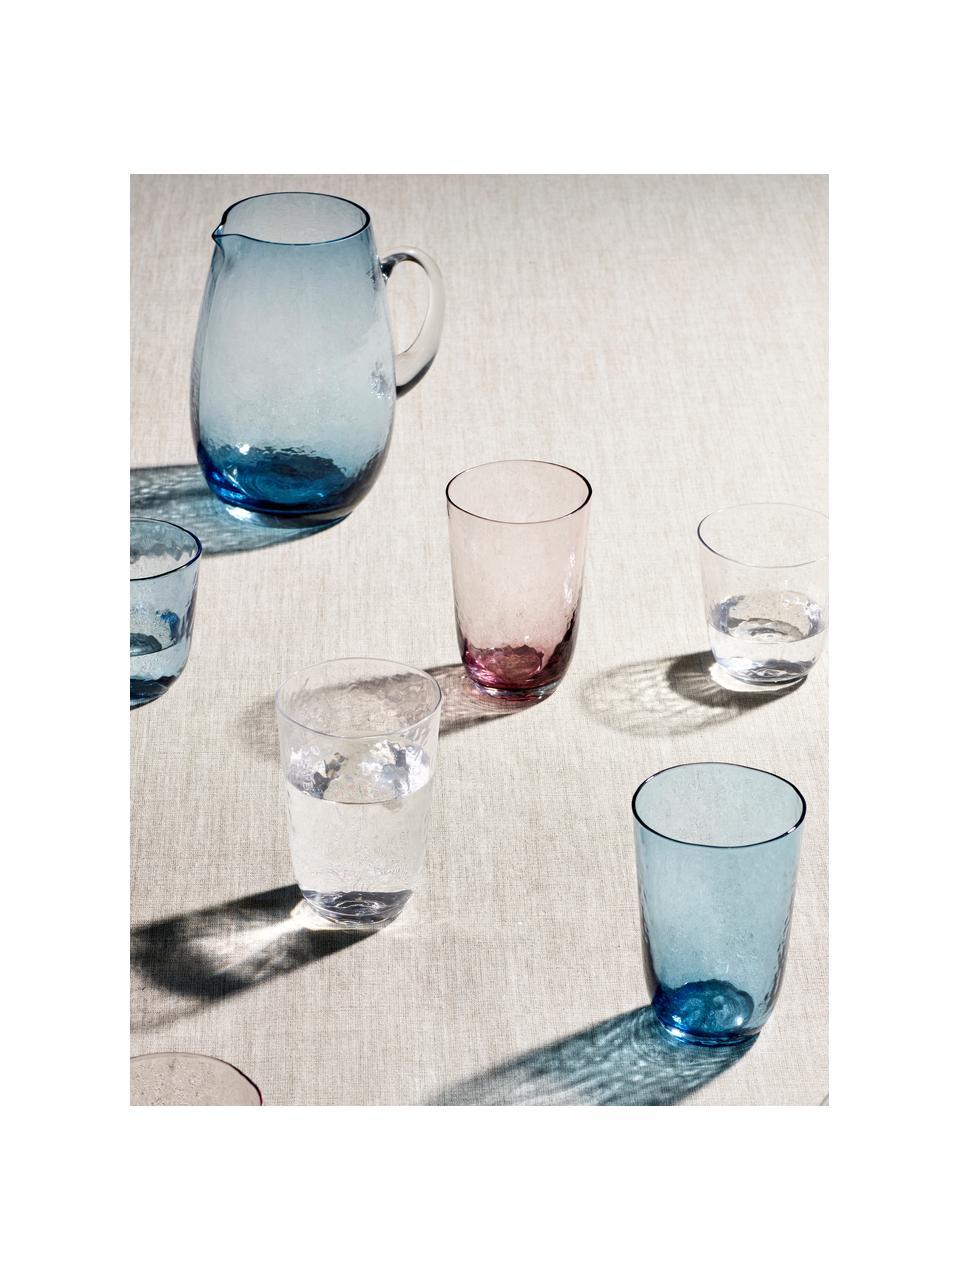 Mundgeblasene Wassergläser Hammered mit unebener Oberfläche, 4 Stück, Glas, mundgeblasen, Lila, transparent, Ø 9 x H 14 cm